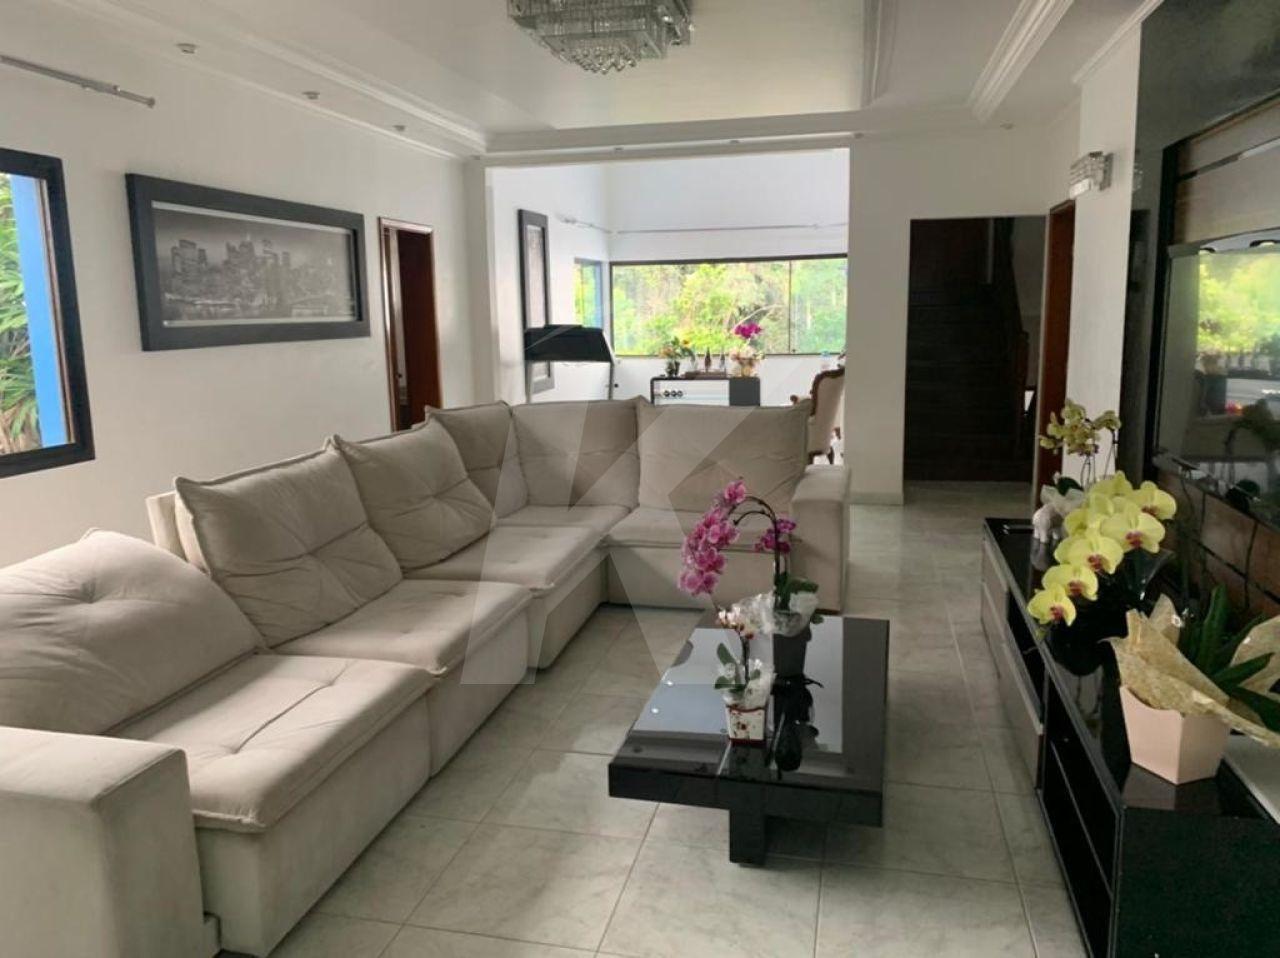 Comprar - Sobrado - Barro Branco (Zona Norte) - 5 dormitórios.